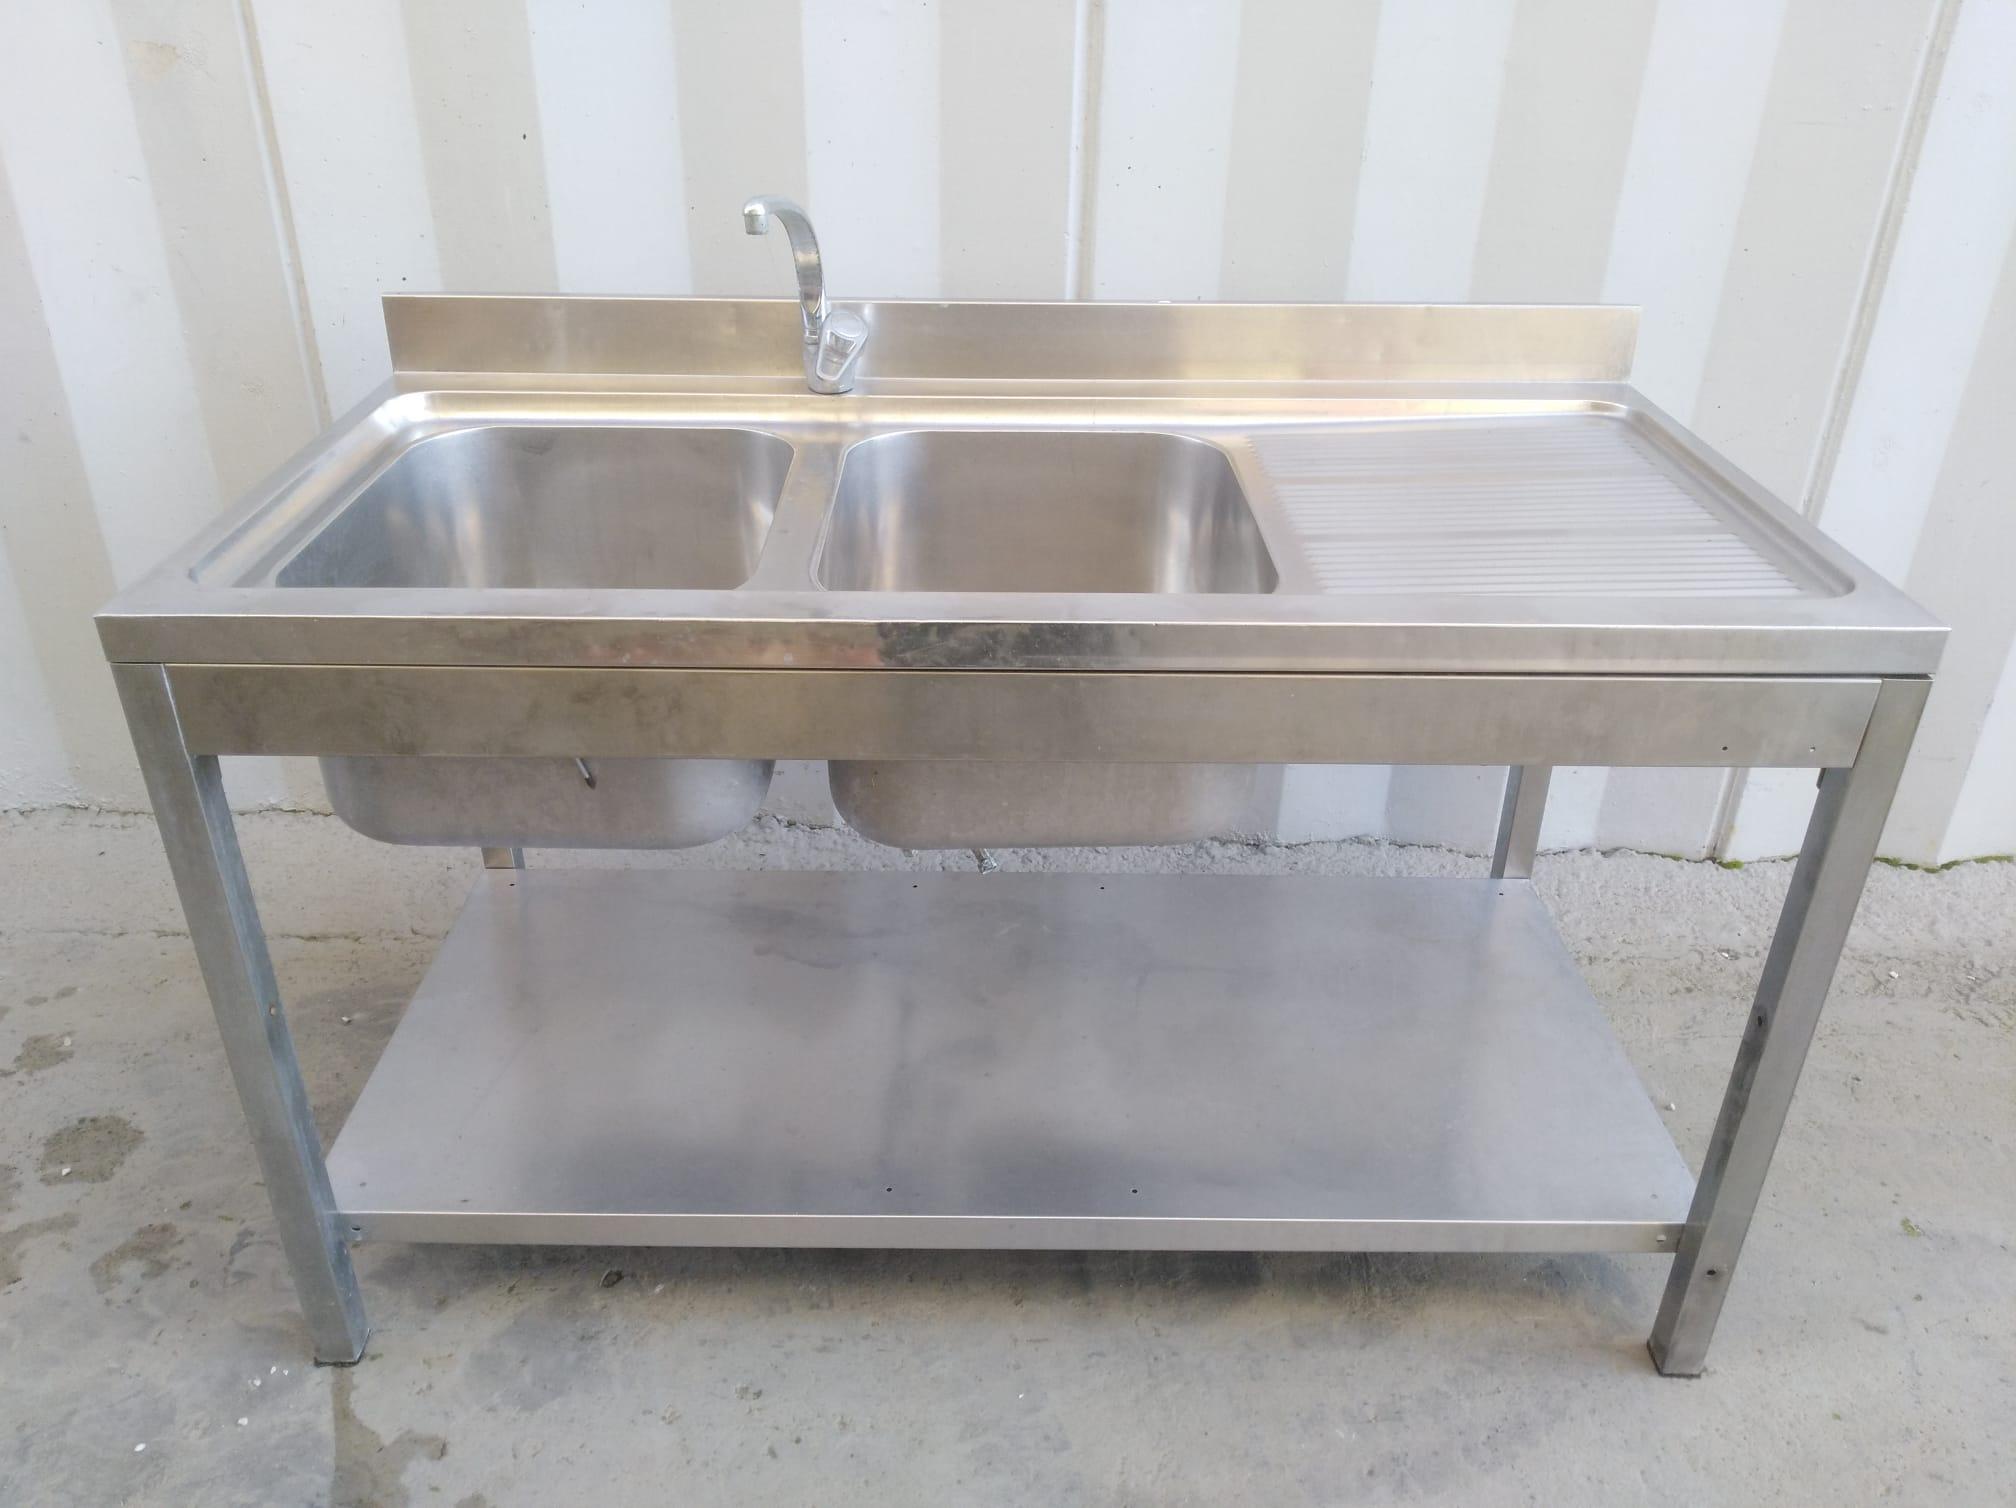 Lavello doppia vasca e gocciolatoio con alzatina in vendita - foto 1